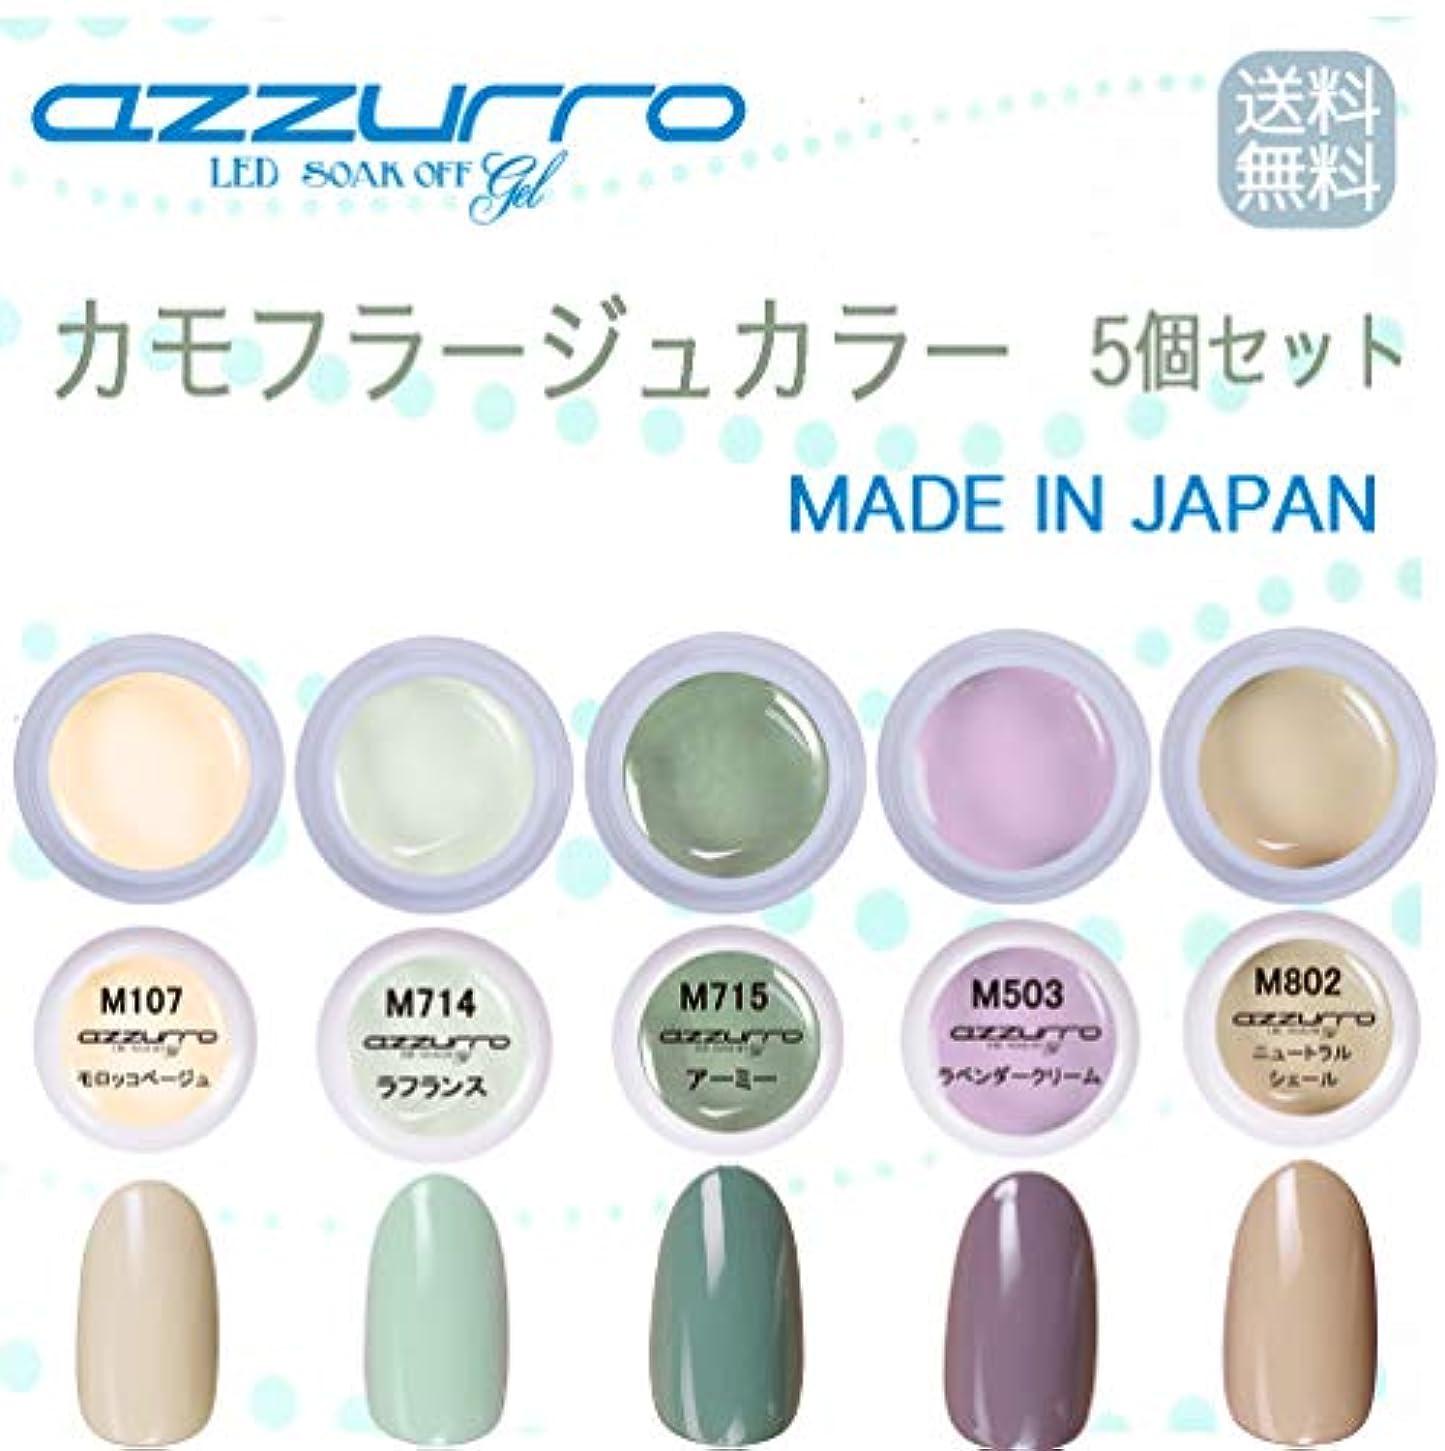 健康純度盟主【送料無料】日本製 azzurro gel カモフラージュカラージェル5個セット 春にピッタリでクールなトレンドカラーのカモフラージュカラー